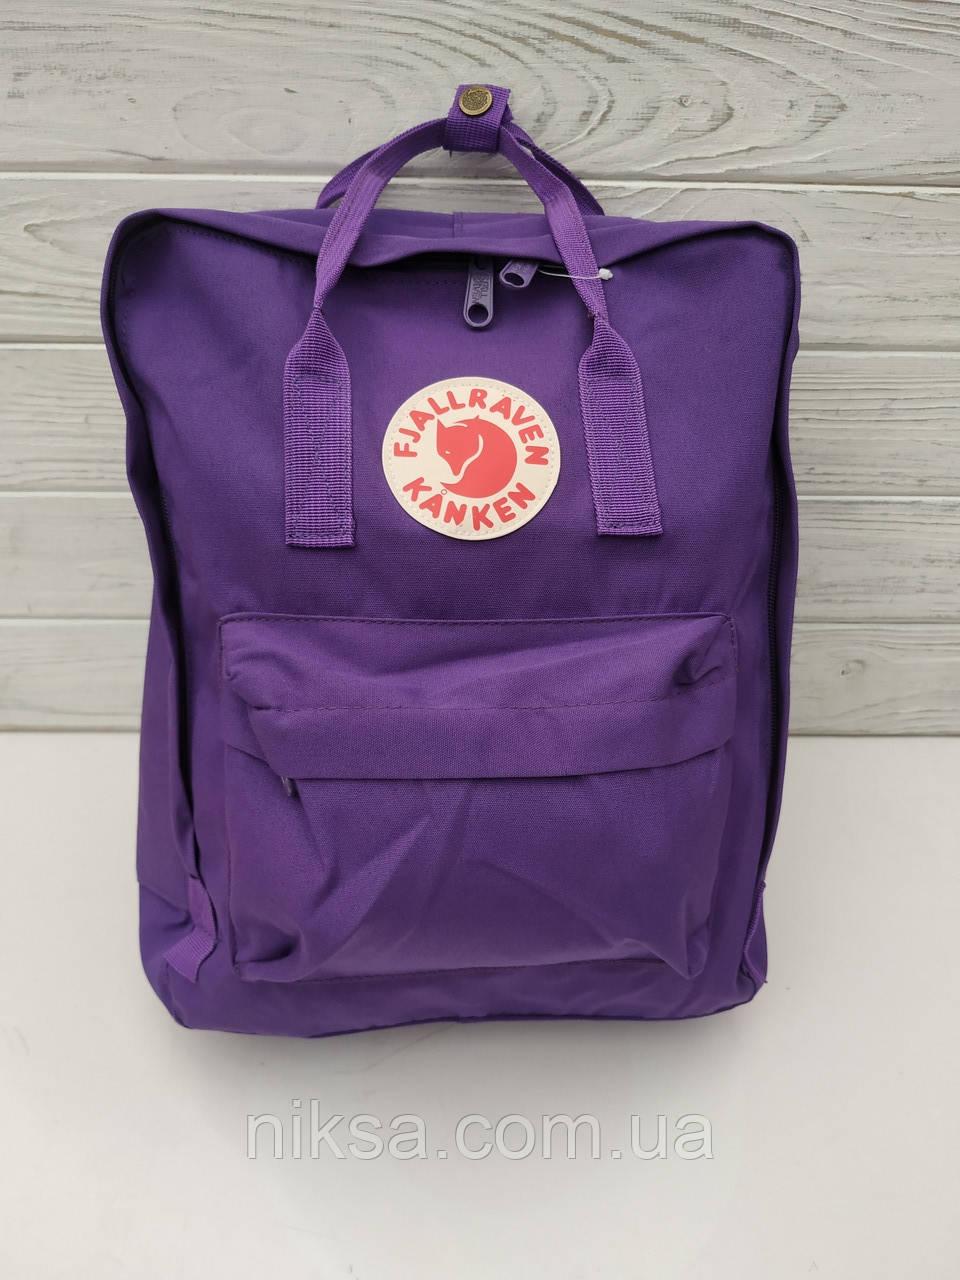 Городской рюкзак-сумка Канкен Kanken цвет Фиолетовый